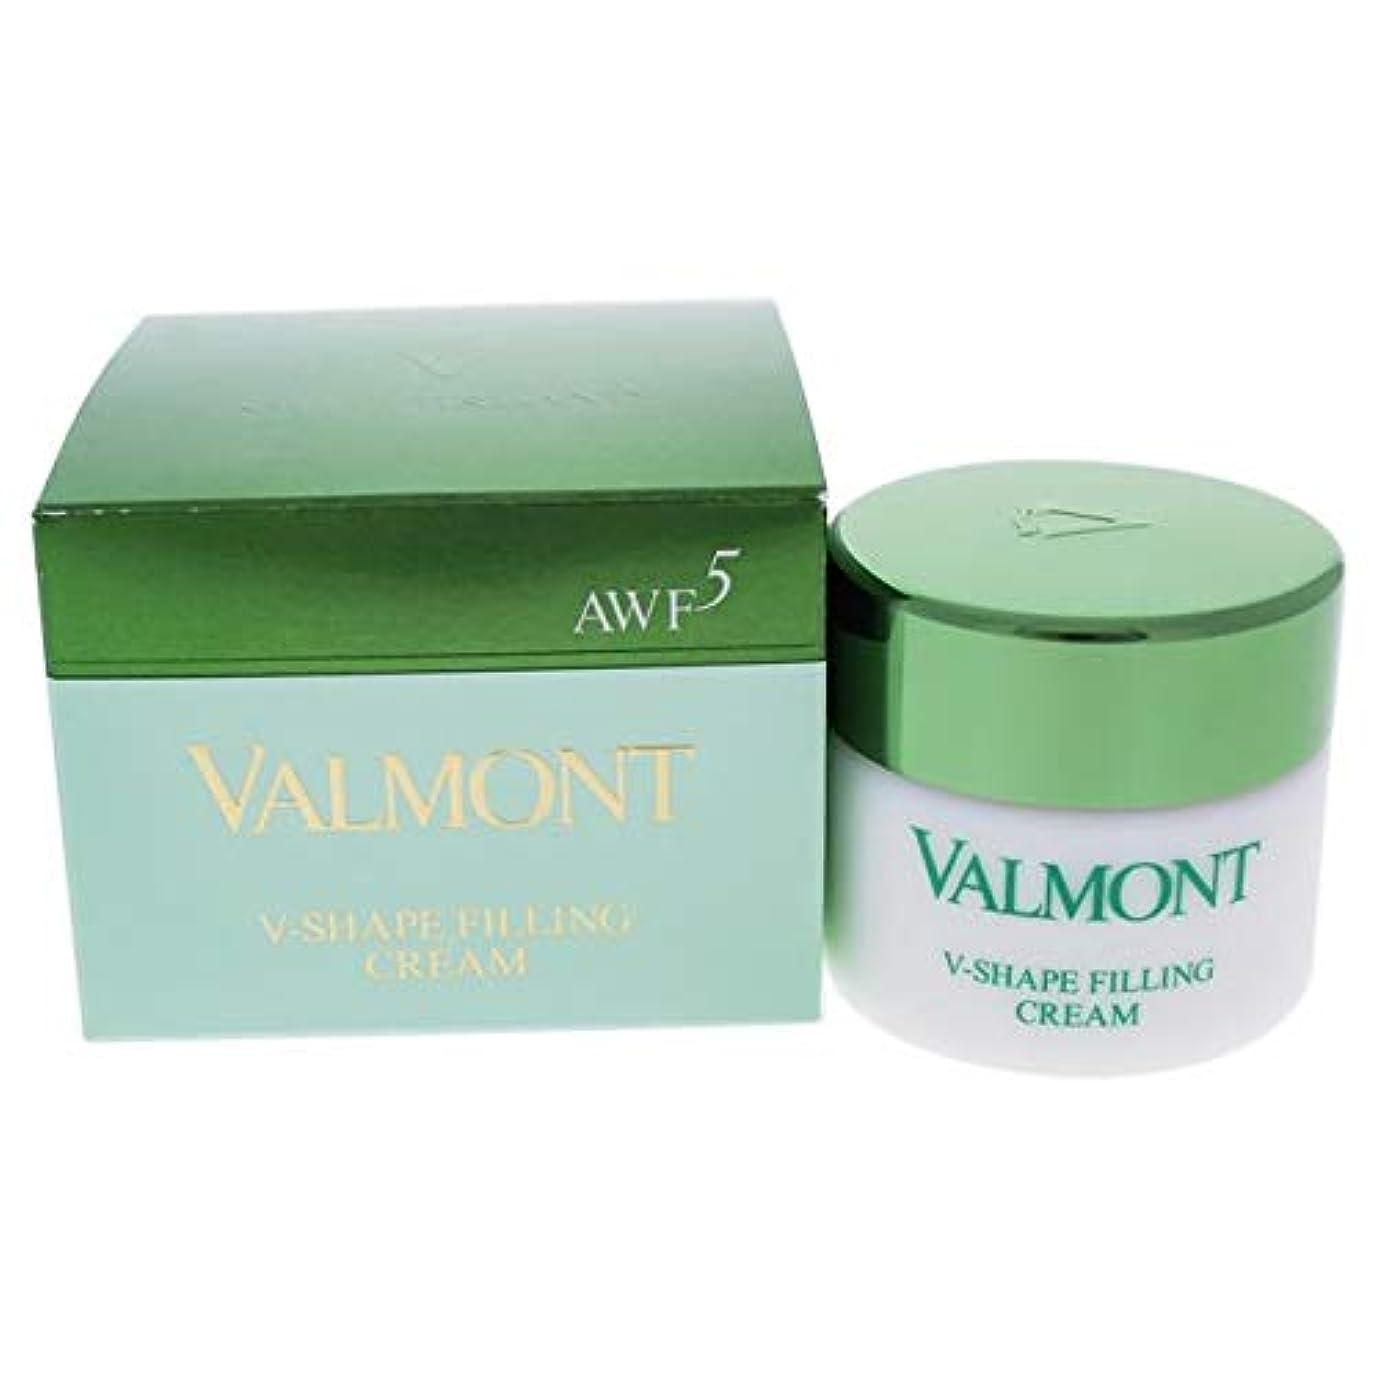 要旨癒す視聴者ヴァルモン AWF5 V-Shape Filling Cream 50ml/1.7oz並行輸入品